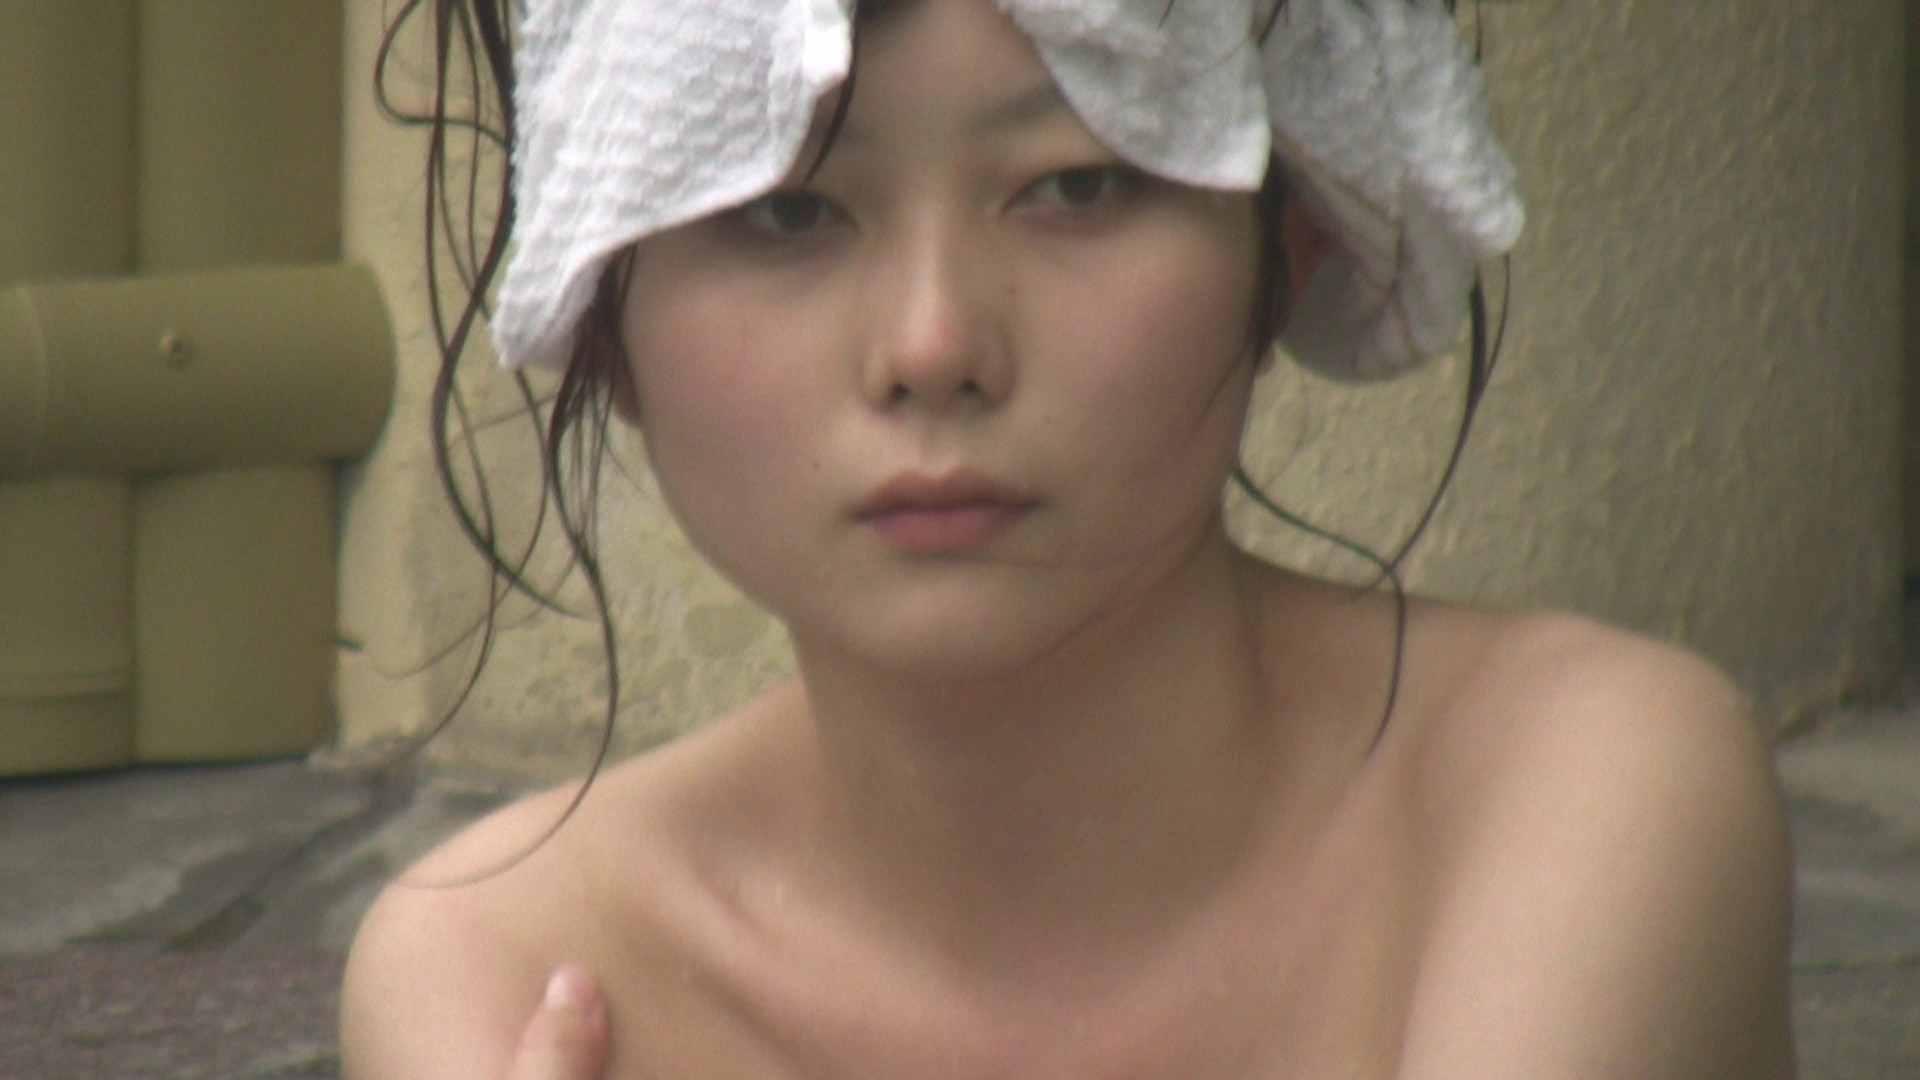 Aquaな露天風呂Vol.147 OLエロ画像 | 露天  84PICs 73